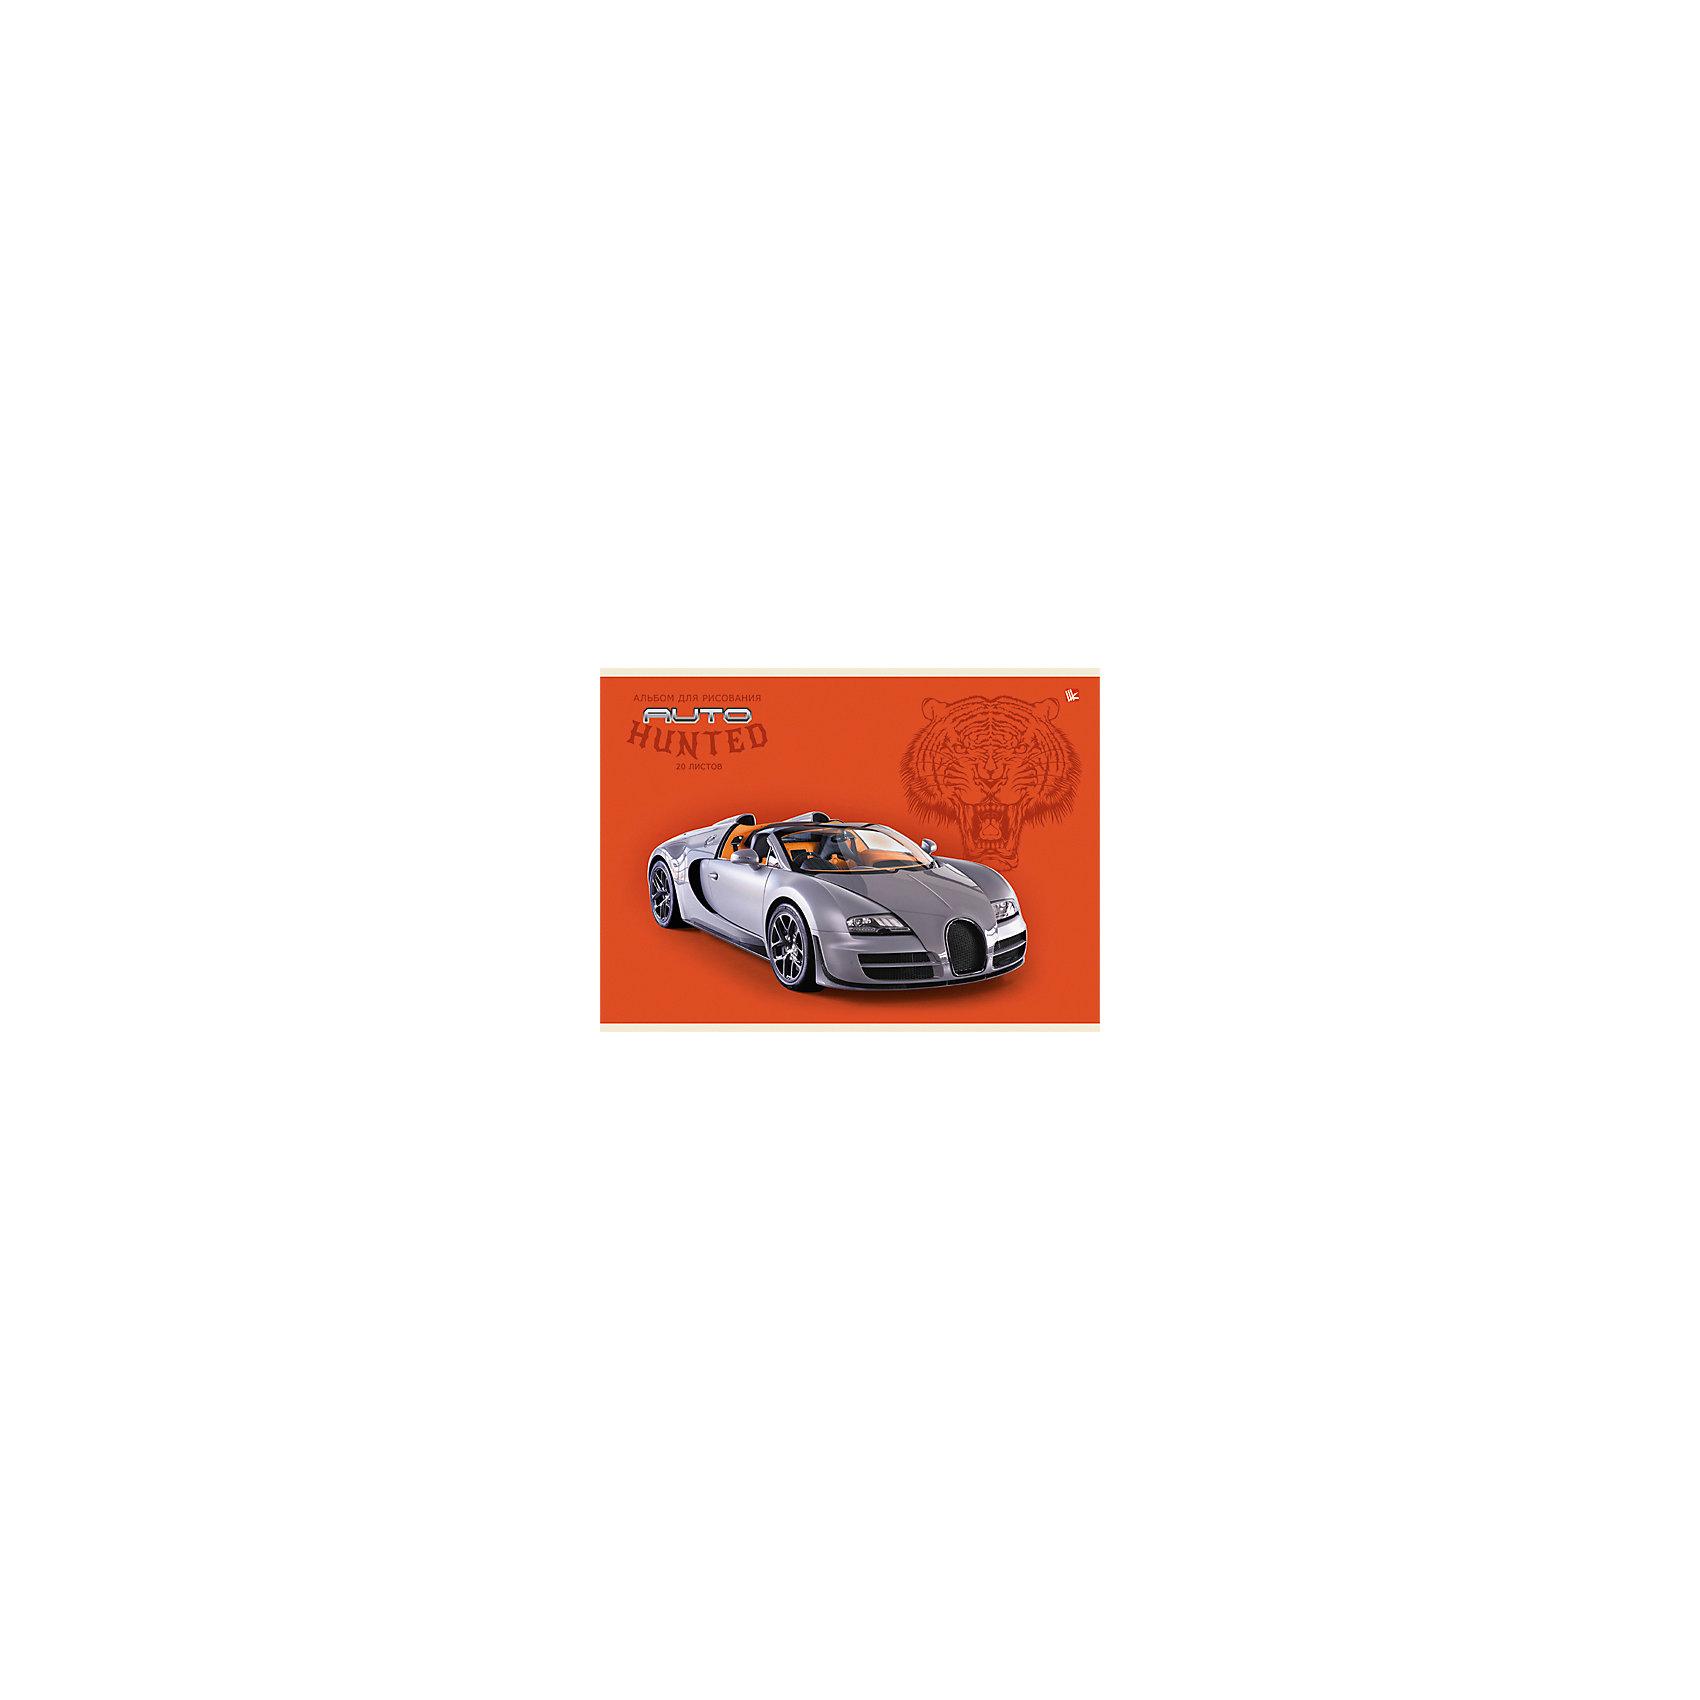 Альбом для рисования Роскошный автомобиль, 20лАльбом для рисования Роскошный автомобиль  - незаменимый помощник начинающим художникам. Удобное крепление и плотные страницы превратят процесс рисования в увлекательное и интересное занятие. Художественное творчество развивает внимание, усидчивость и воображение.<br><br>Дополнительная информация:<br>Внутренний блок: офсет 110 г/м2<br>Обложка: мелованный картон.<br>Количество листов: 20<br>Крепление: склейка<br>Альбом для рисования Роскошный автомобиль вы можете приобрести в нашем интернет-магазине.<br><br>Ширина мм: 210<br>Глубина мм: 297<br>Высота мм: 8<br>Вес г: 147<br>Возраст от месяцев: 72<br>Возраст до месяцев: 144<br>Пол: Унисекс<br>Возраст: Детский<br>SKU: 4942432